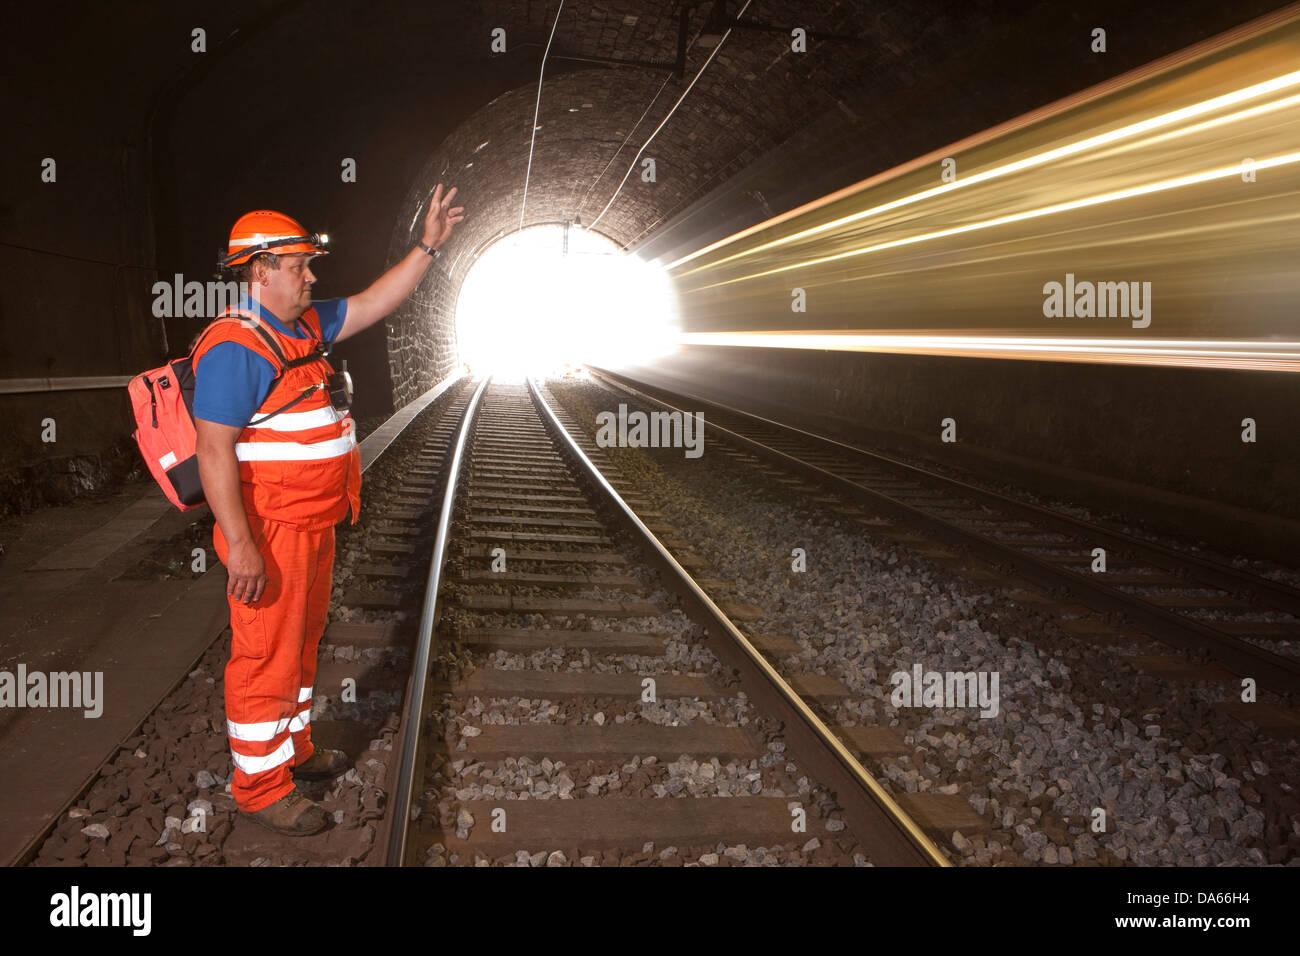 Linienrichter, Tunnel, Straßen, Eisenbahn, Zug, Eisenbahn, Lötschberg, BLS, Schweiz, Europa, Sicherheit, Stockbild